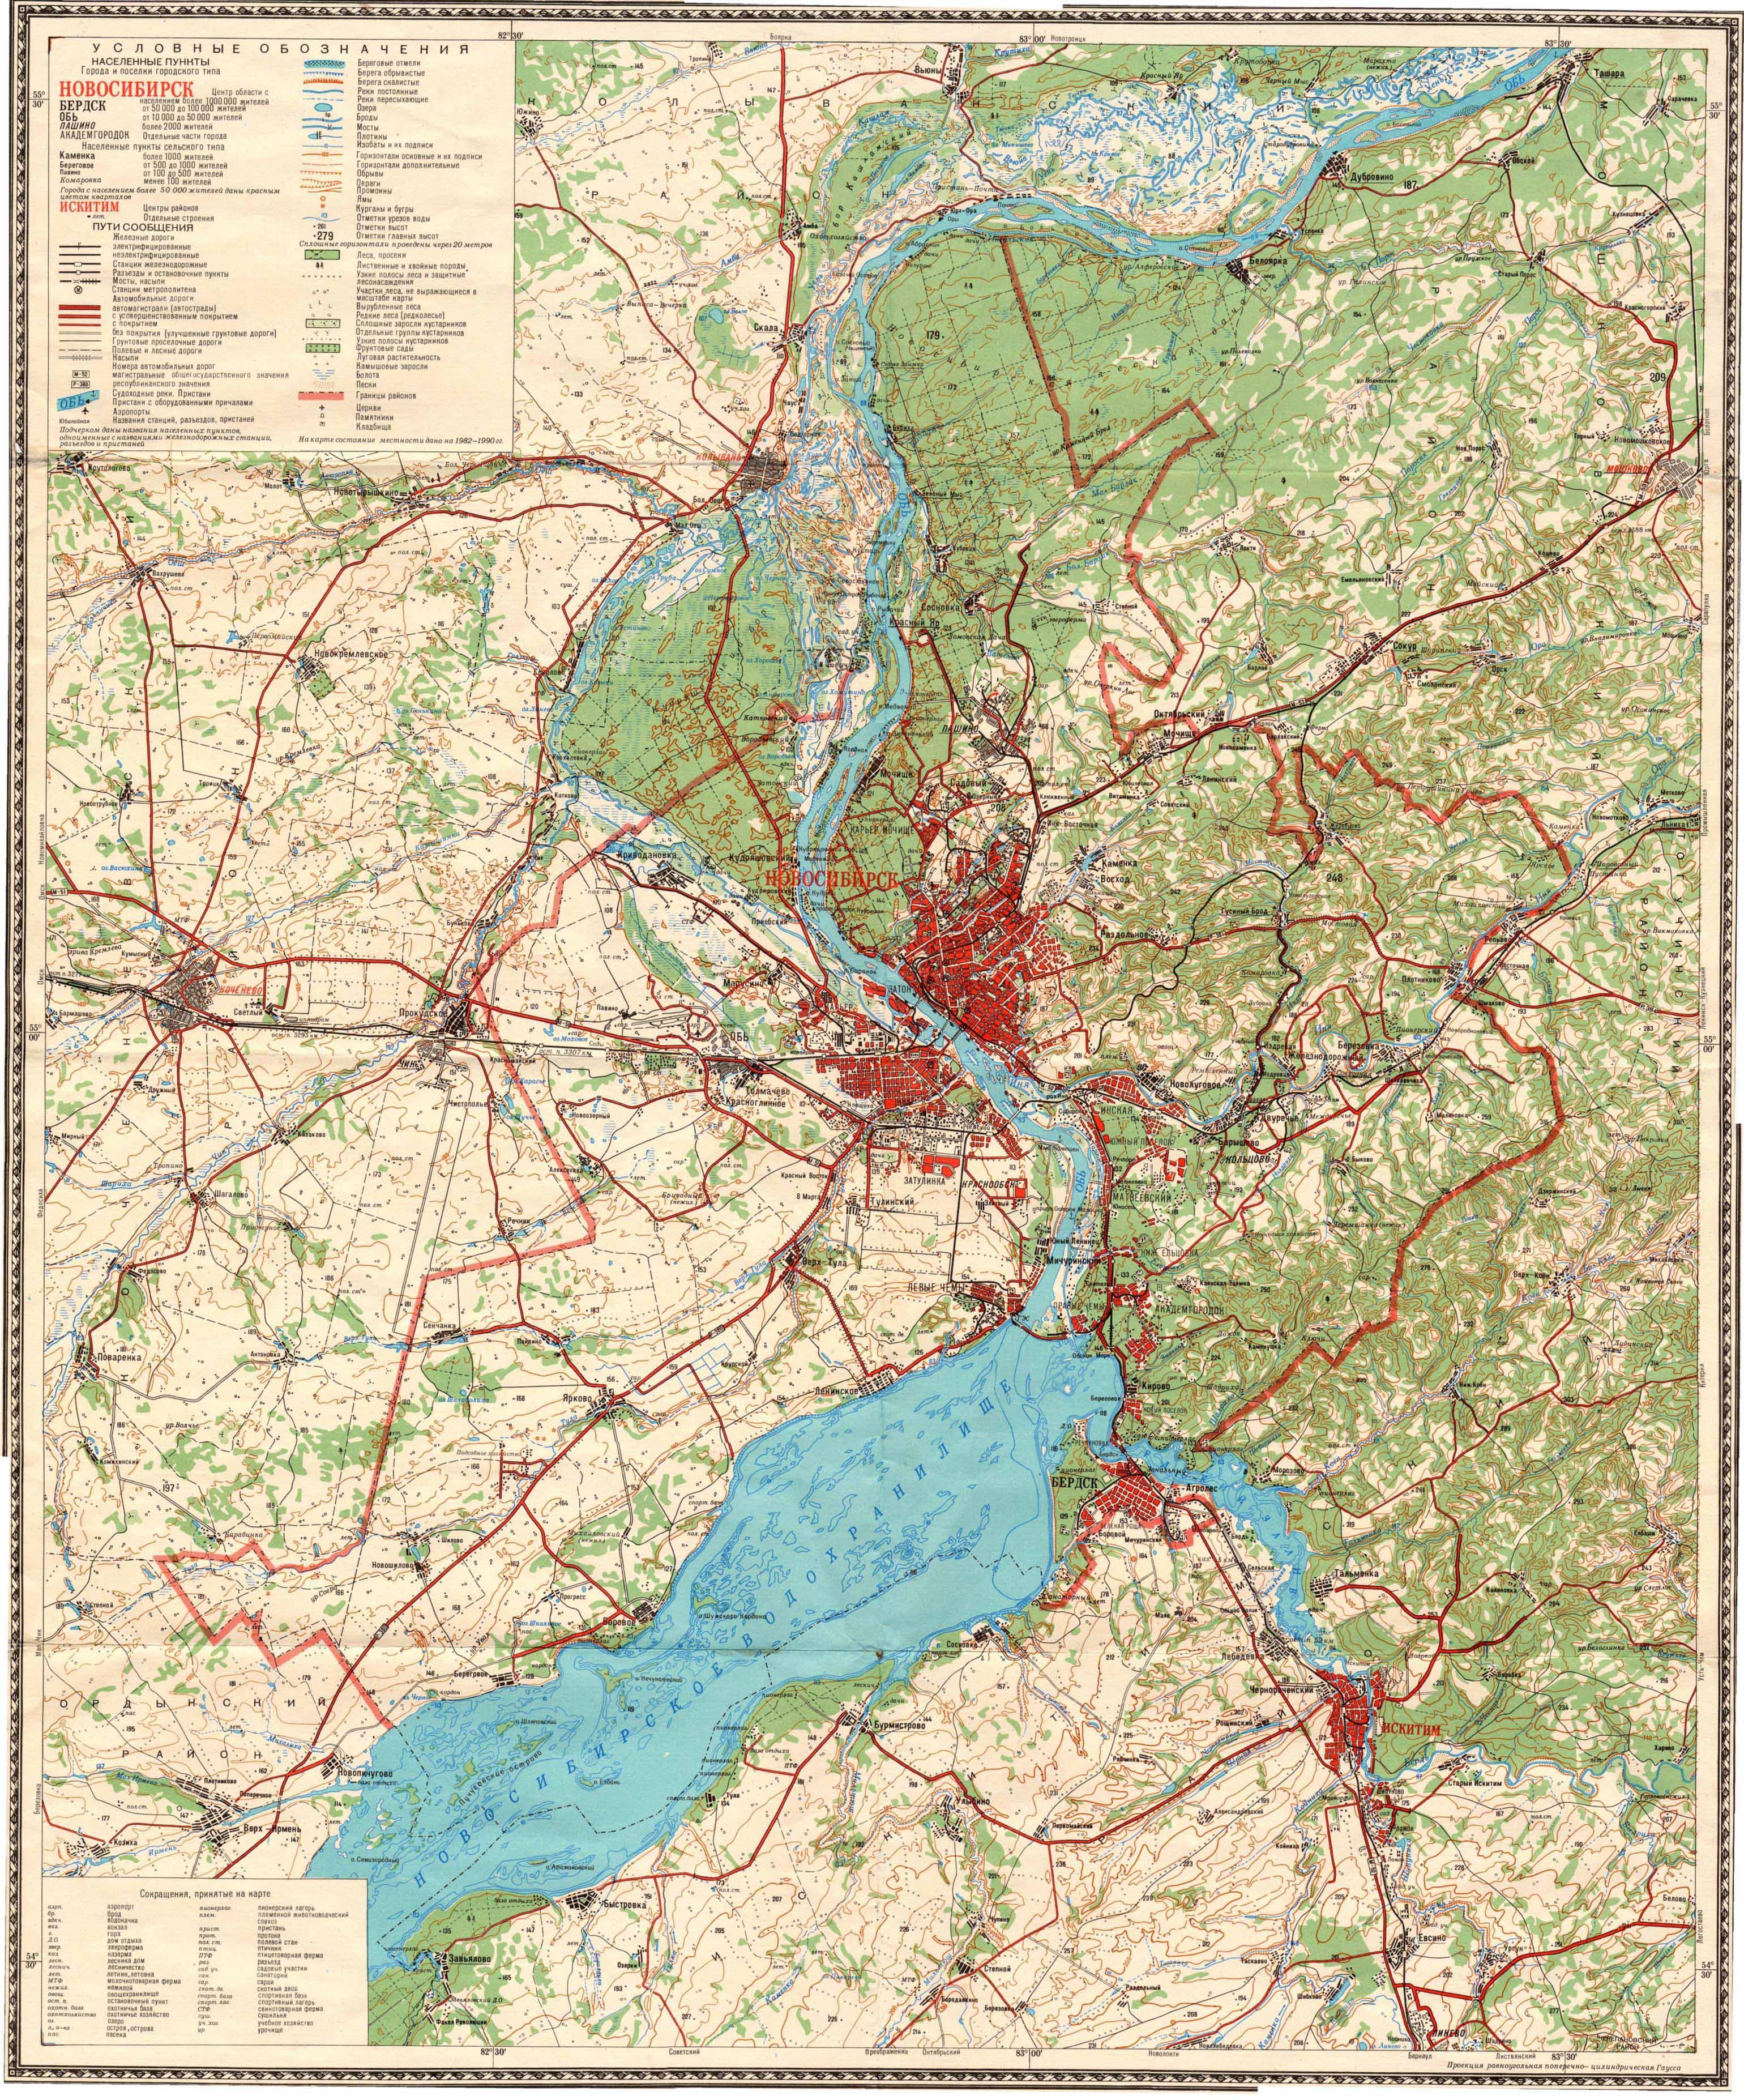 ... Новосибирское водохранилище, река Обь: topmap.narod.ru/54/raions/nov.html